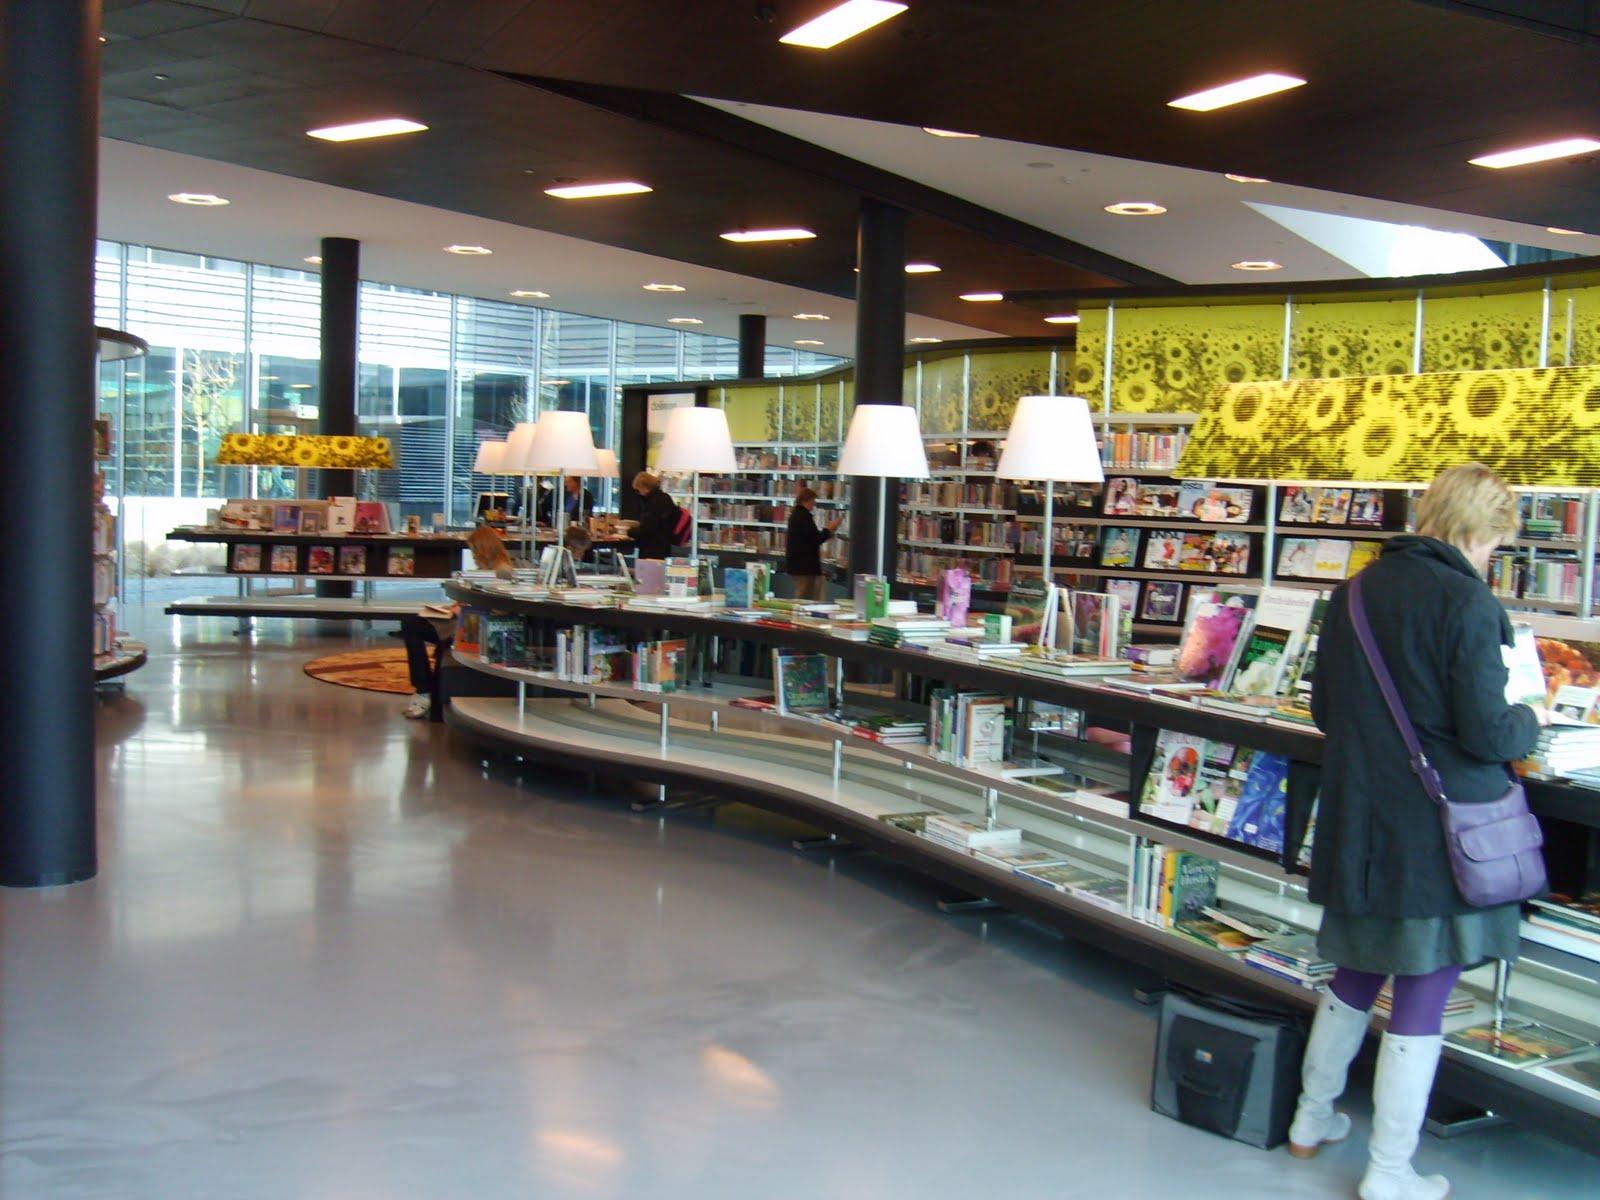 Bibliotheek de wereld van hendrik jan - Bibliotheek van de wereld ...